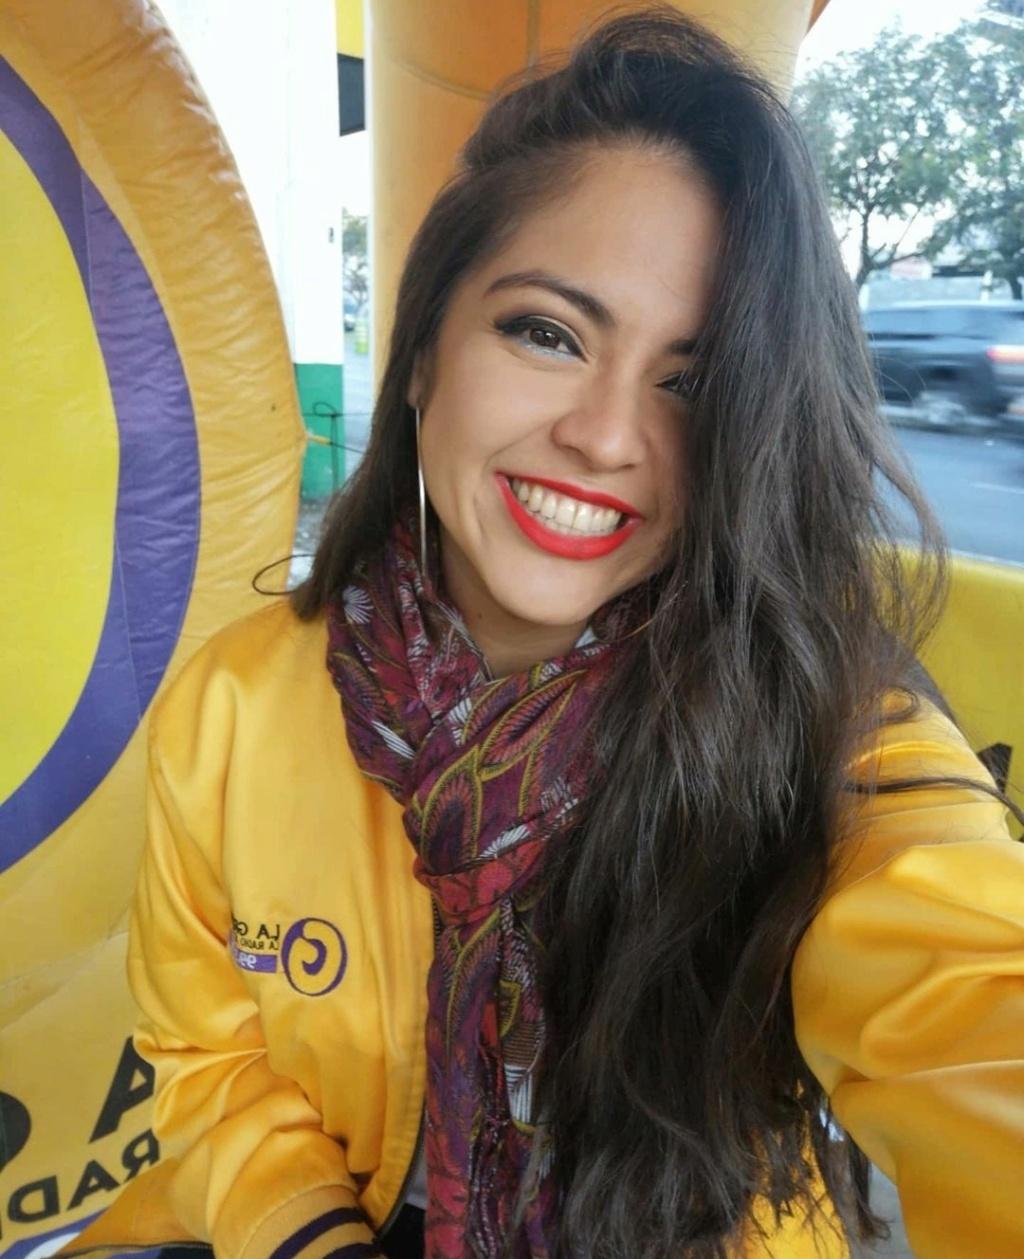 DEBATE sobre belleza, guapura y hermosura (fotos de chicas latinas, mestizas, y de todo) - VOL II - Página 9 Img_1316